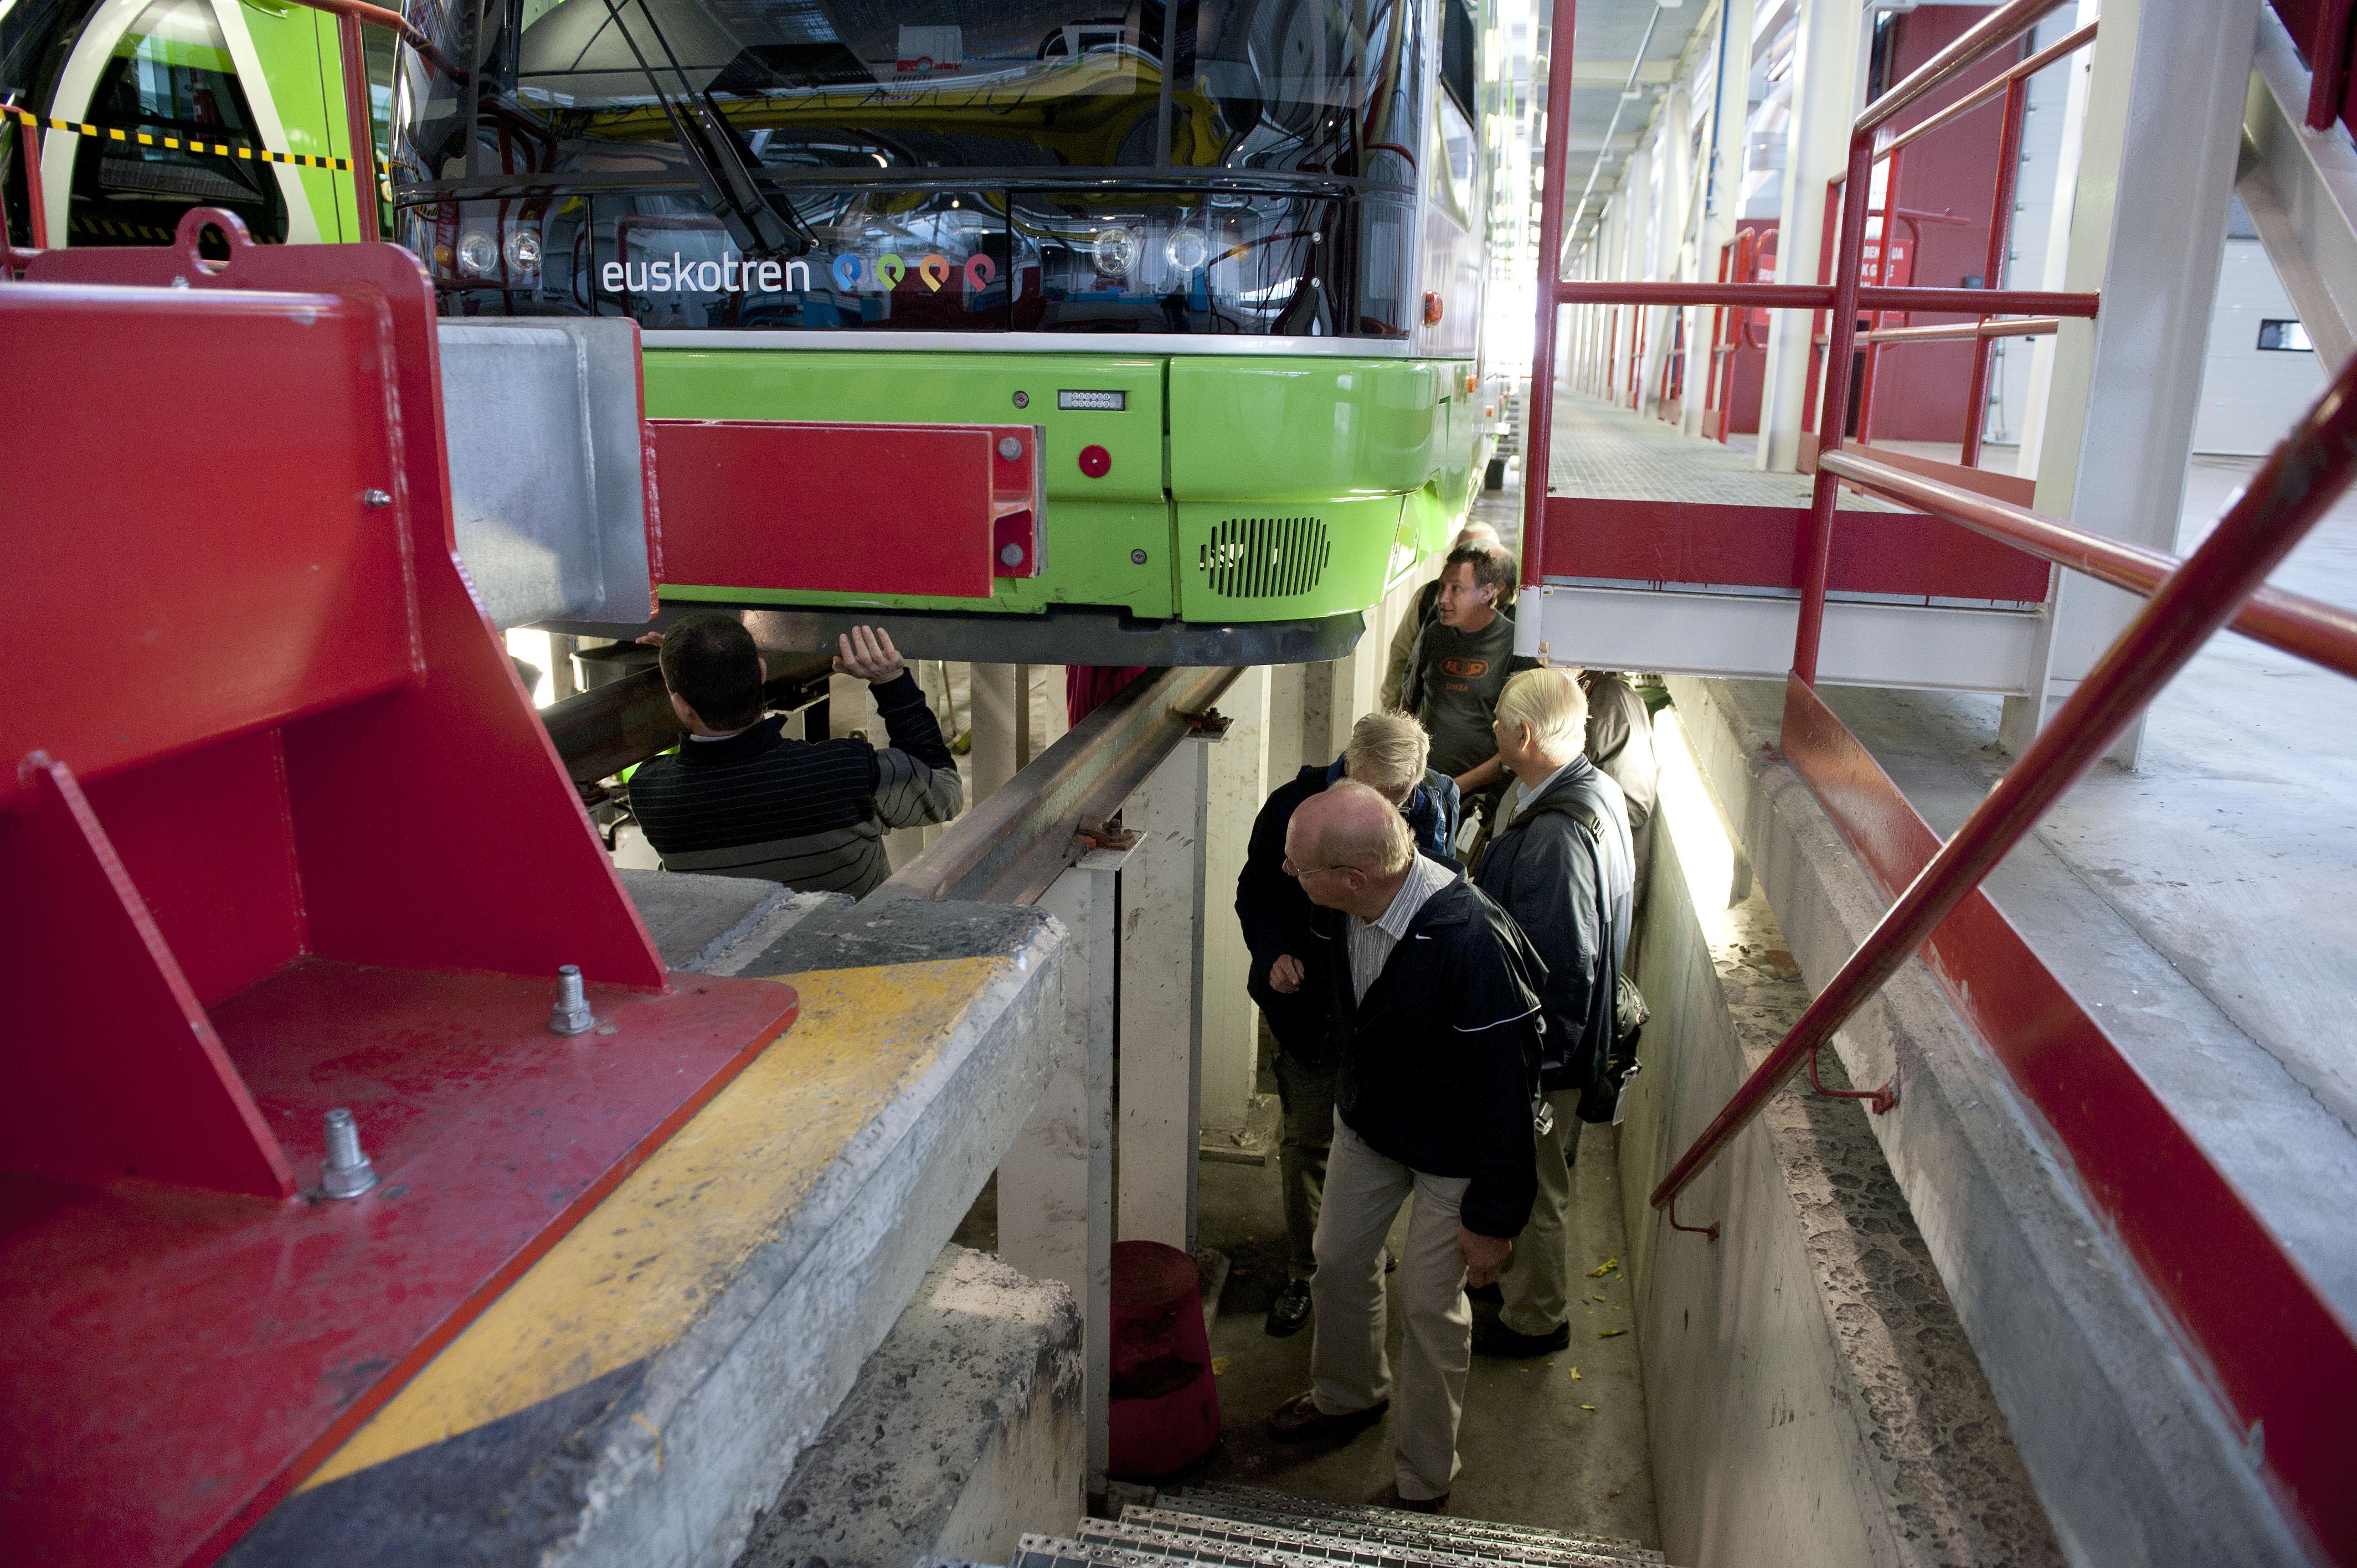 2012_10_01_visita_suecos_tranvia_09.jpg